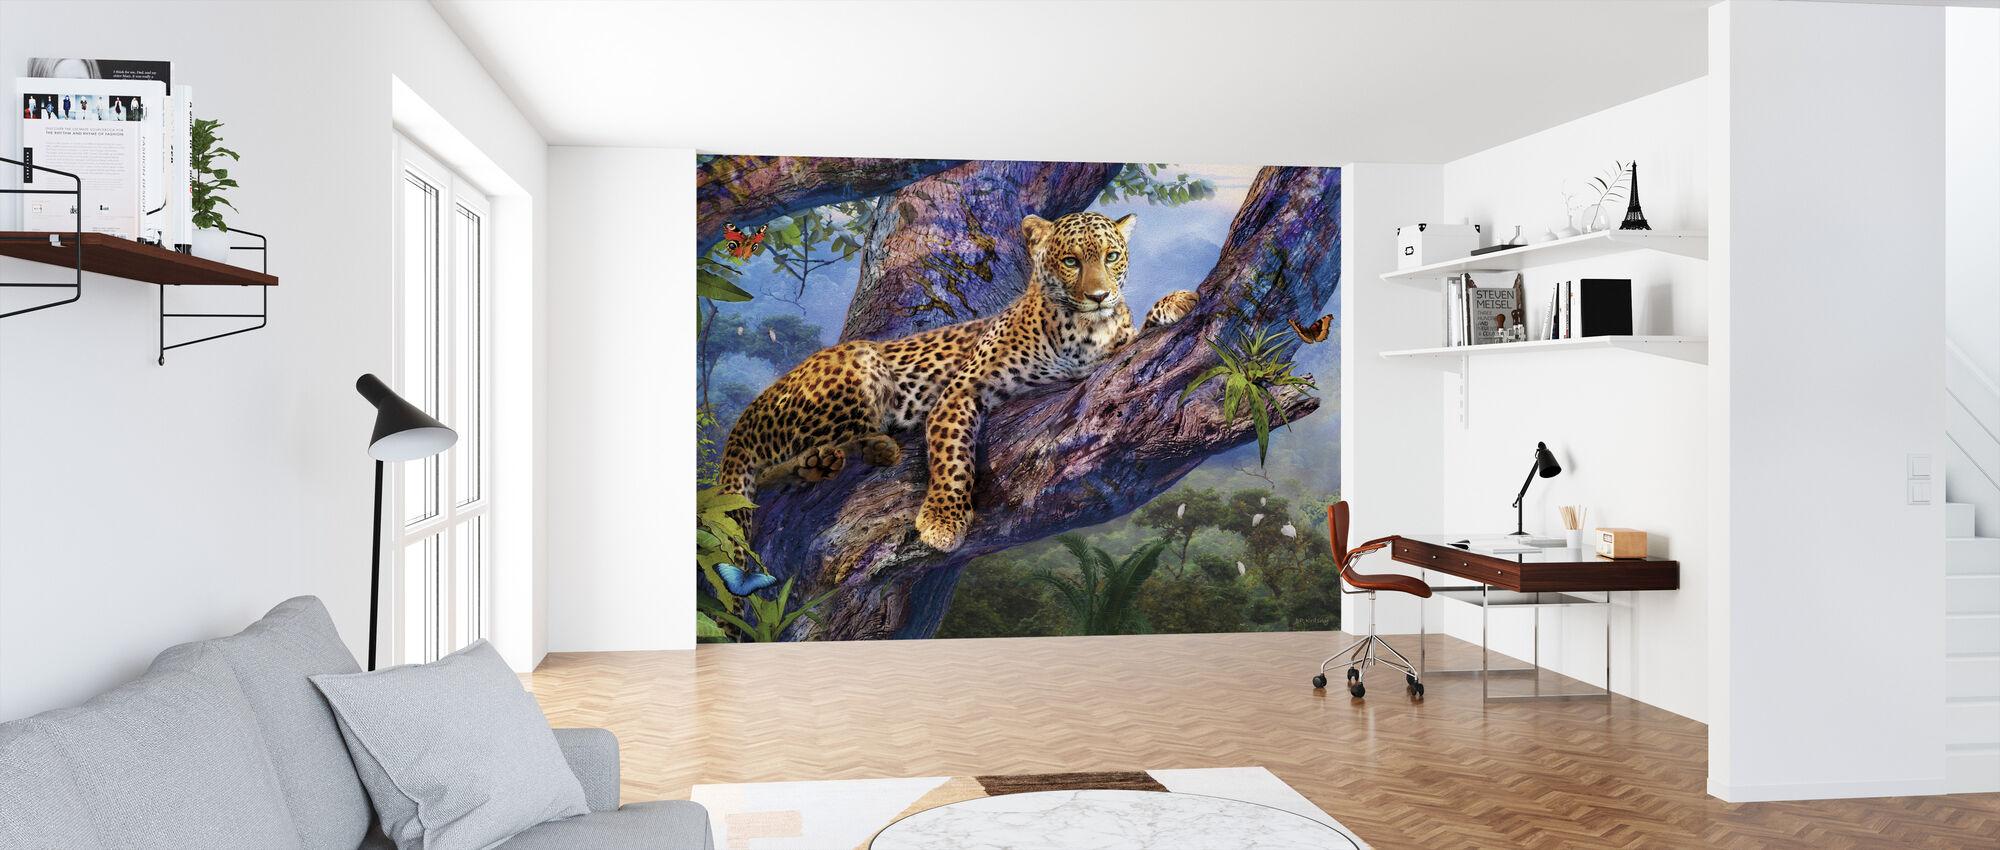 Leopard Relaxing in Tree - Wallpaper - Office